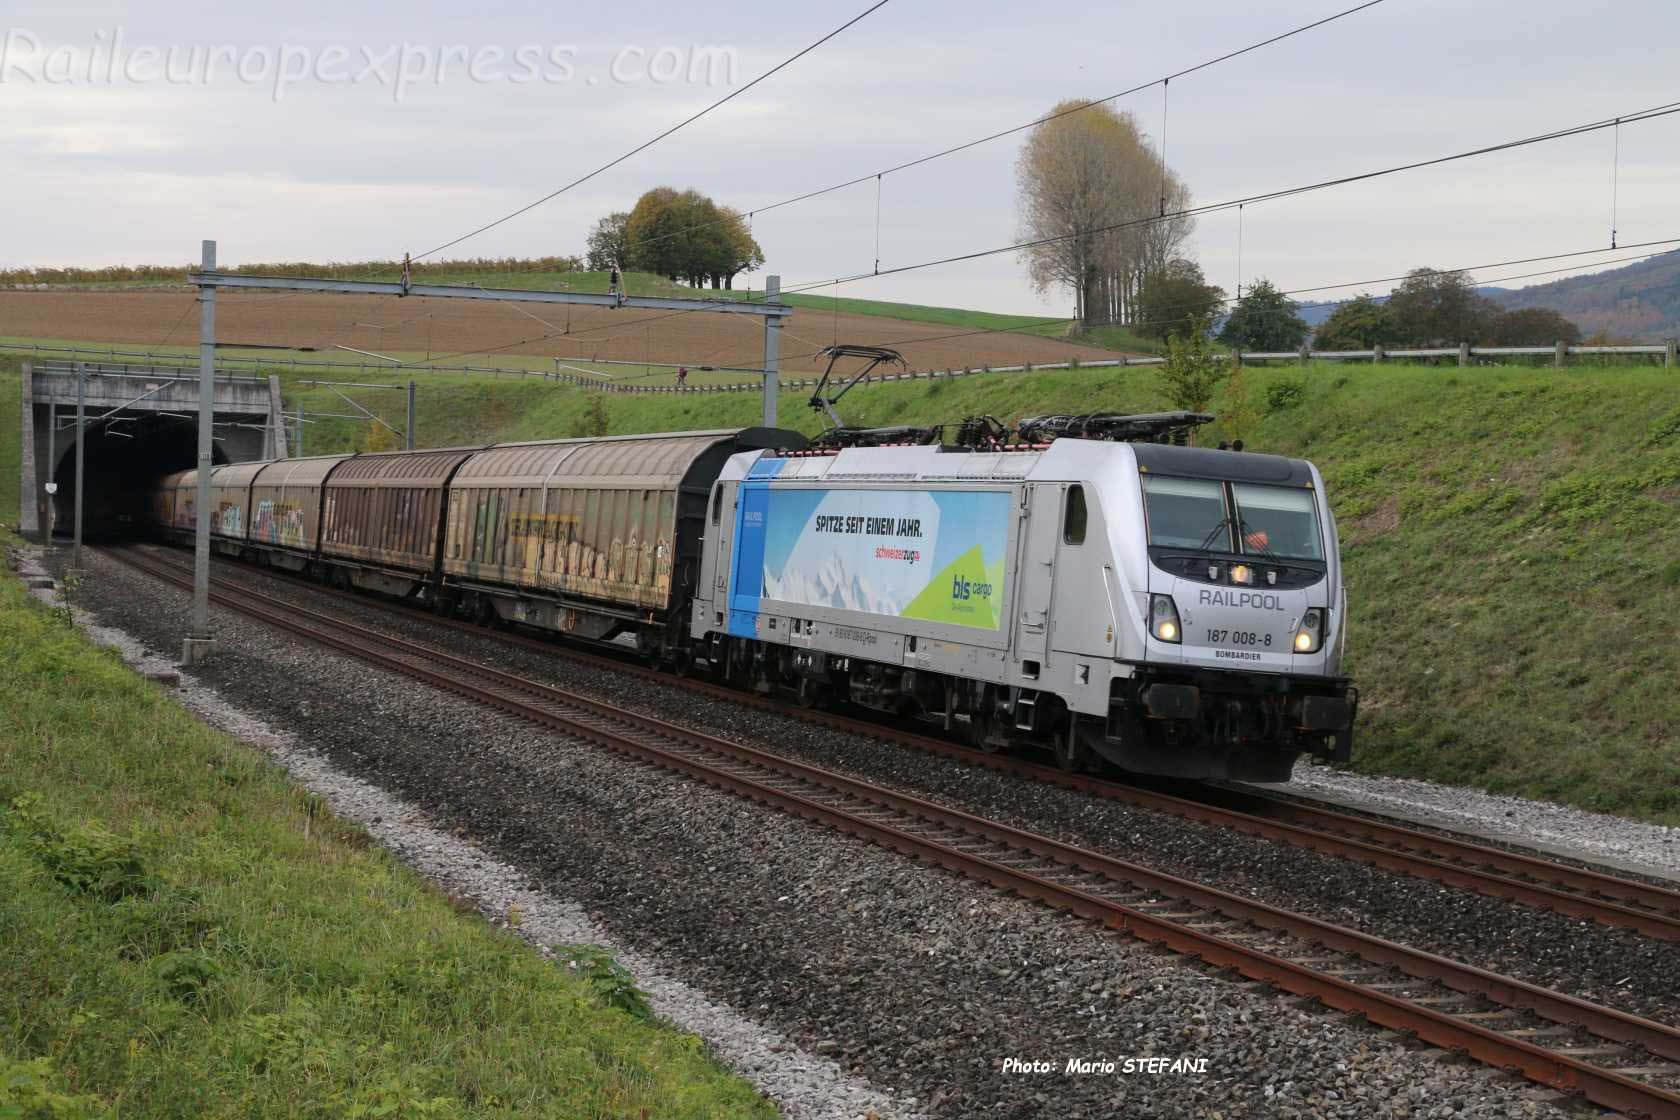 187 008-8 BLS à La Lance (CH)